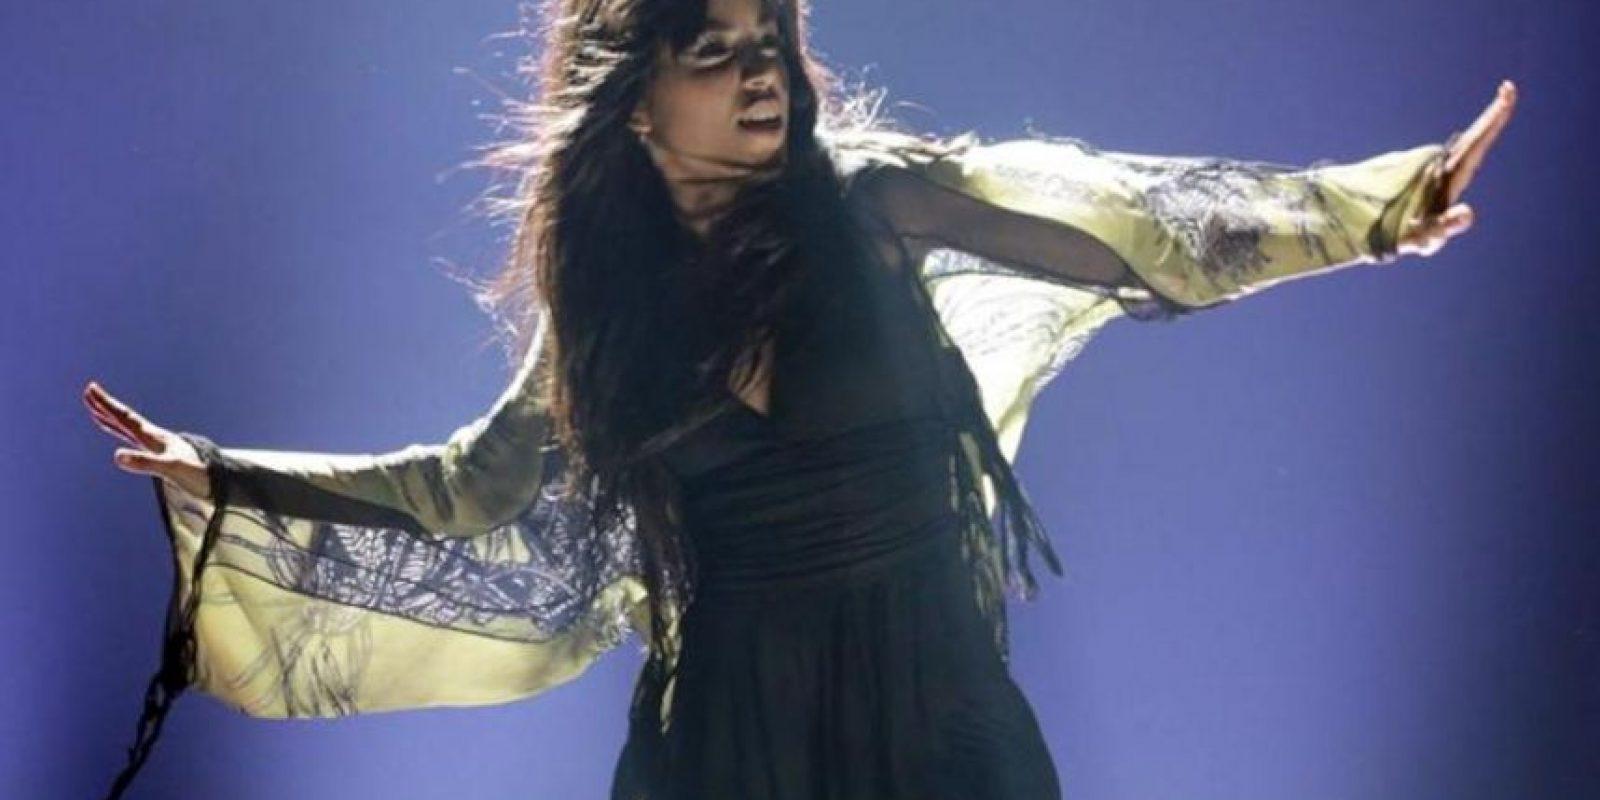 La sueca Loreen se presenta en la segunda semifinal del Concurso de la Canción Eurovisión 2012. EFE